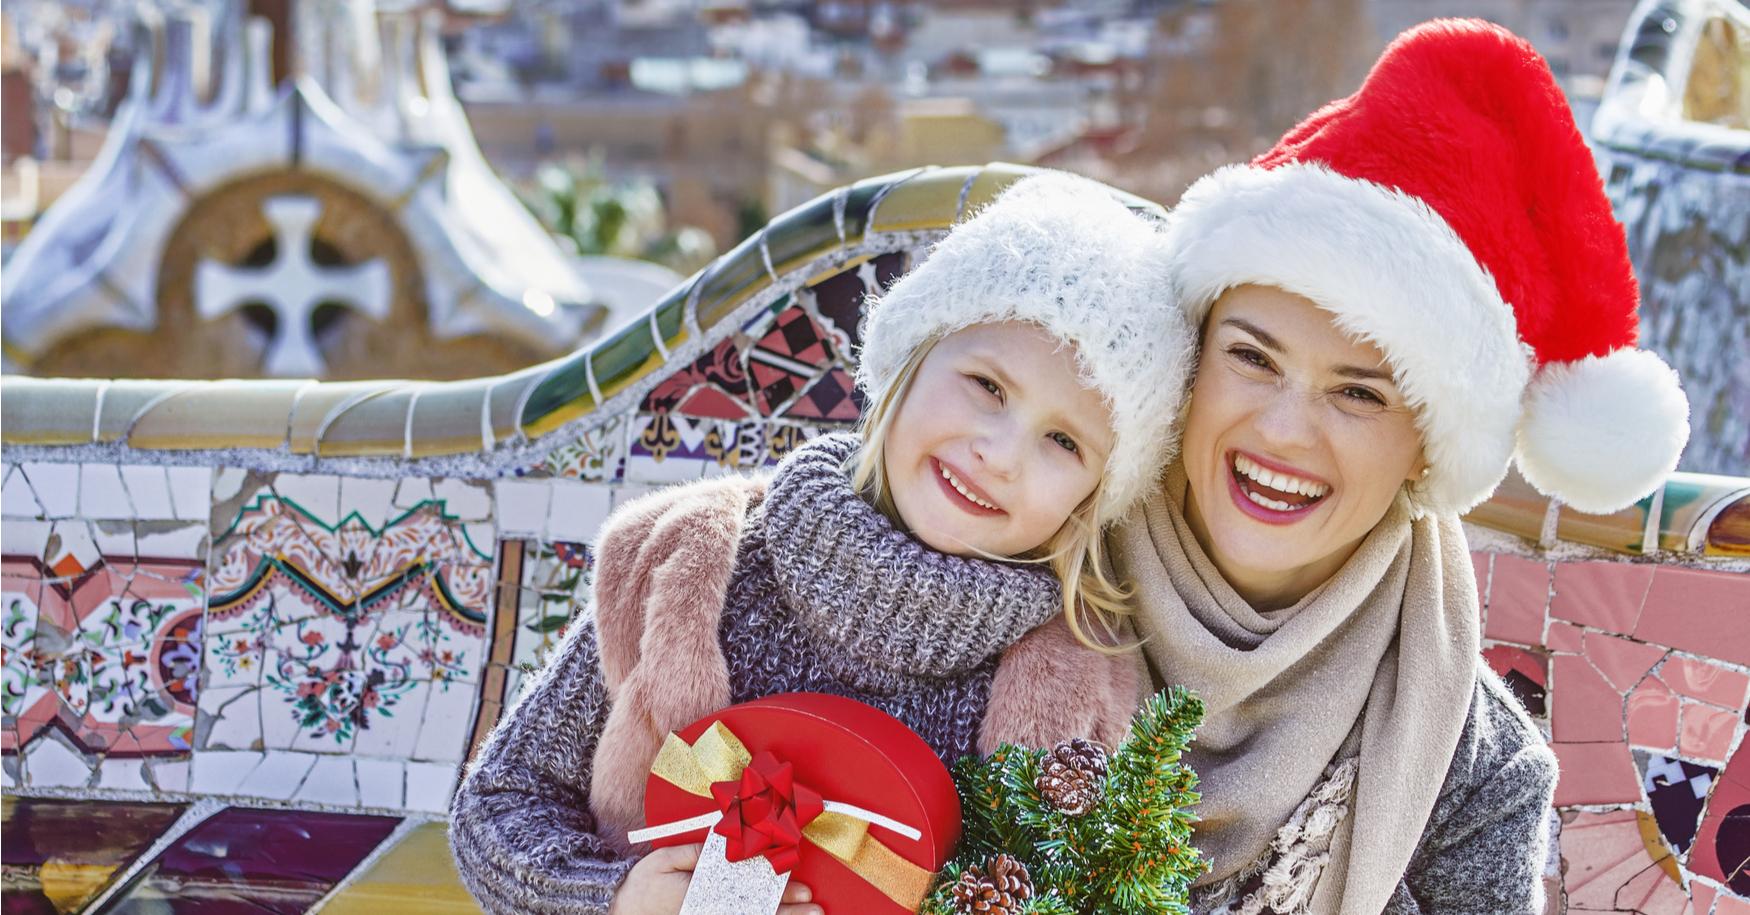 Mama und Tochter zu Weihnachten in Europa